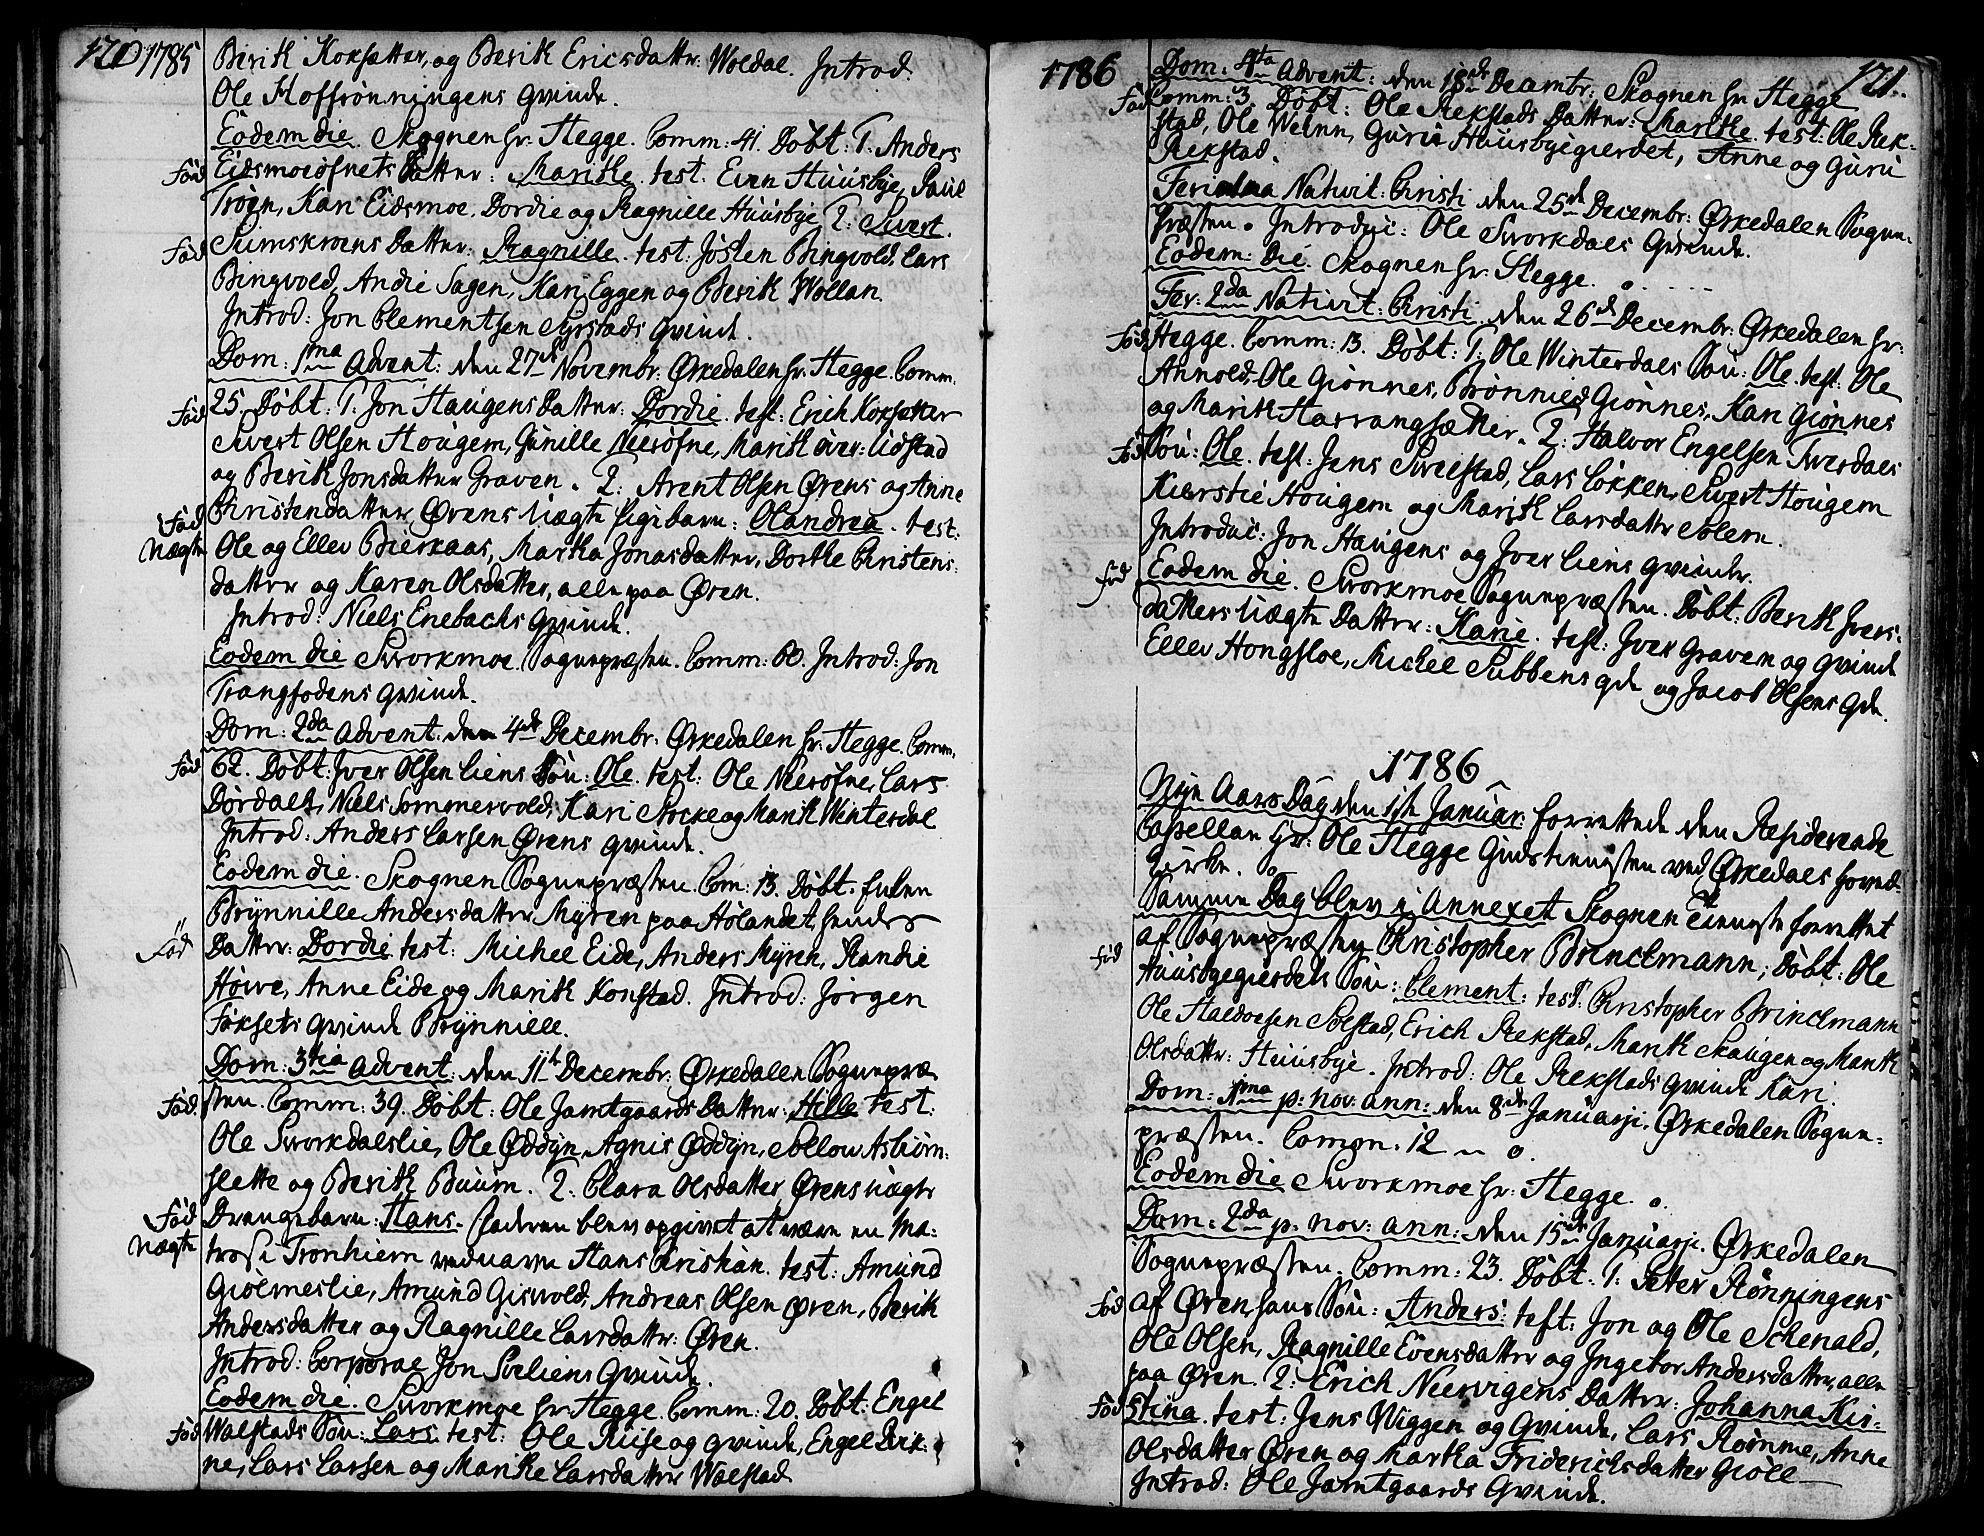 SAT, Ministerialprotokoller, klokkerbøker og fødselsregistre - Sør-Trøndelag, 668/L0802: Ministerialbok nr. 668A02, 1776-1799, s. 120-121